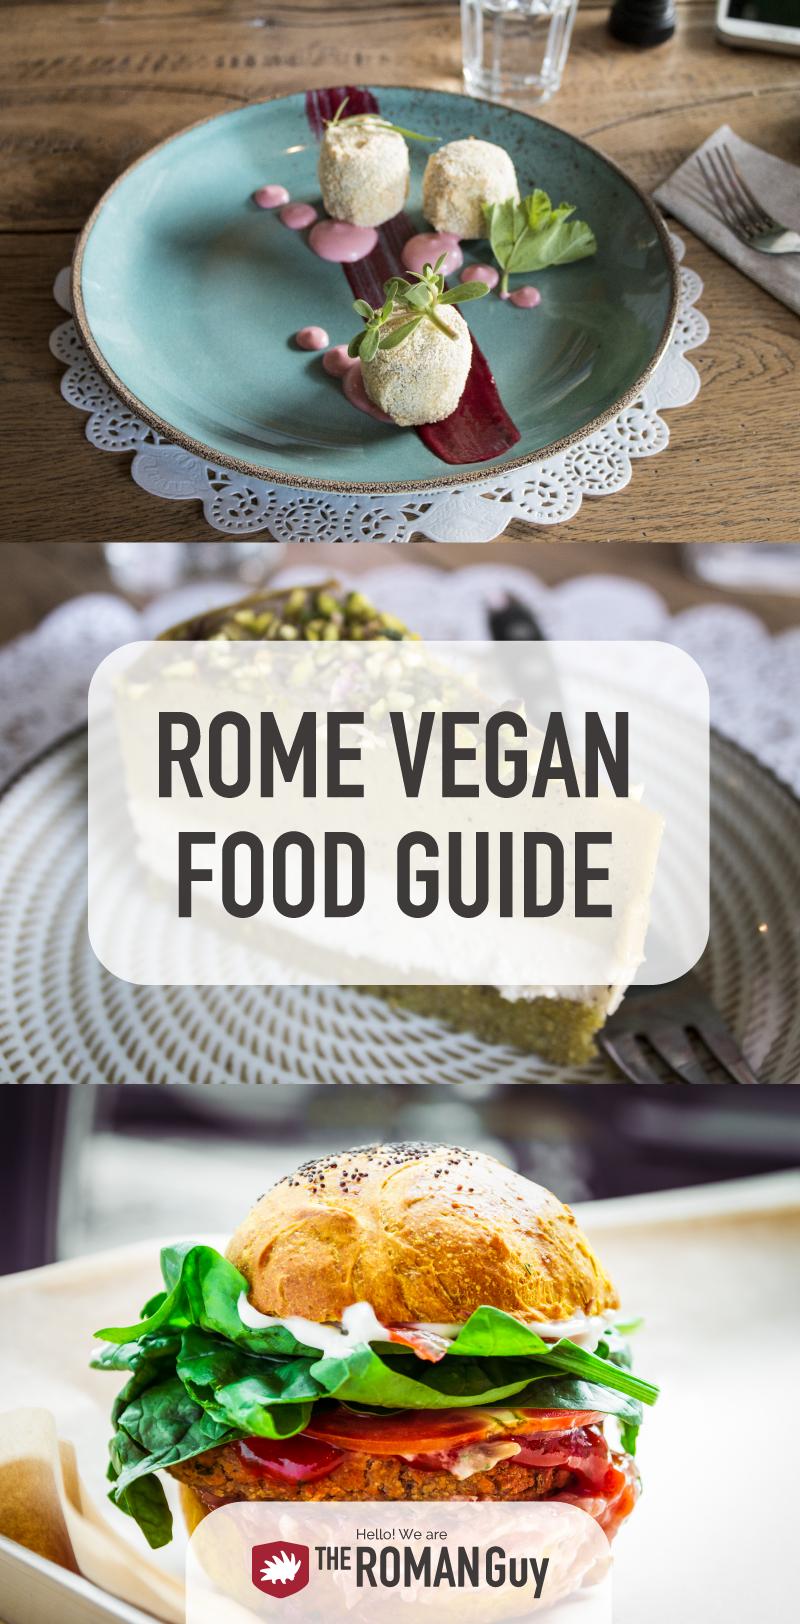 Rome vegan food guide